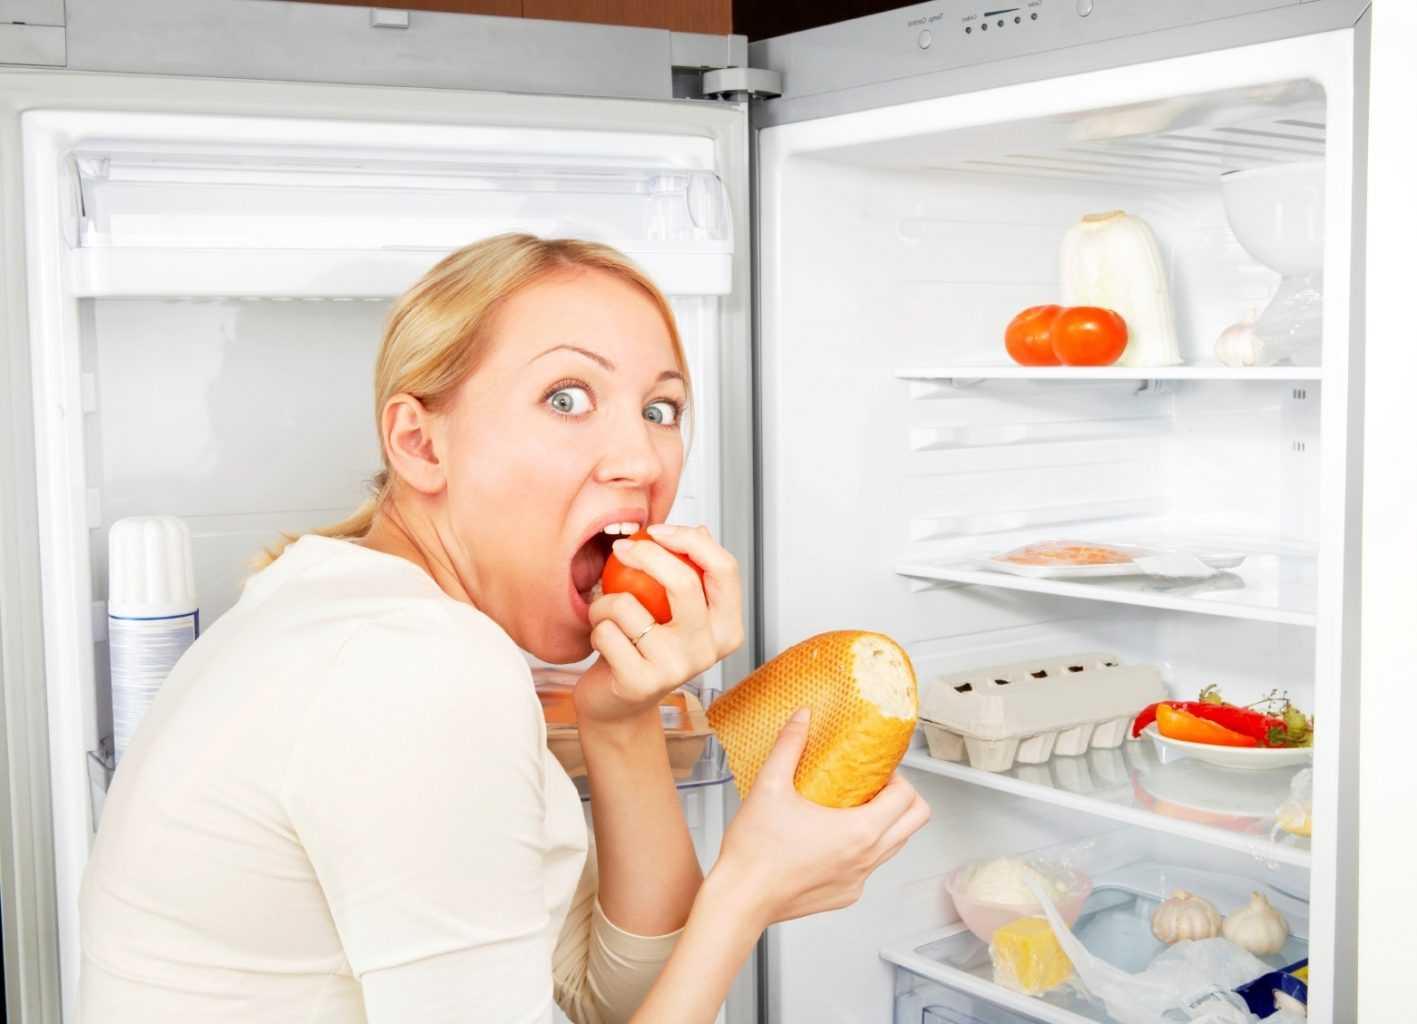 Как перестать жрать, заставить себя меньше есть, мотивация, чтобы похудеть.